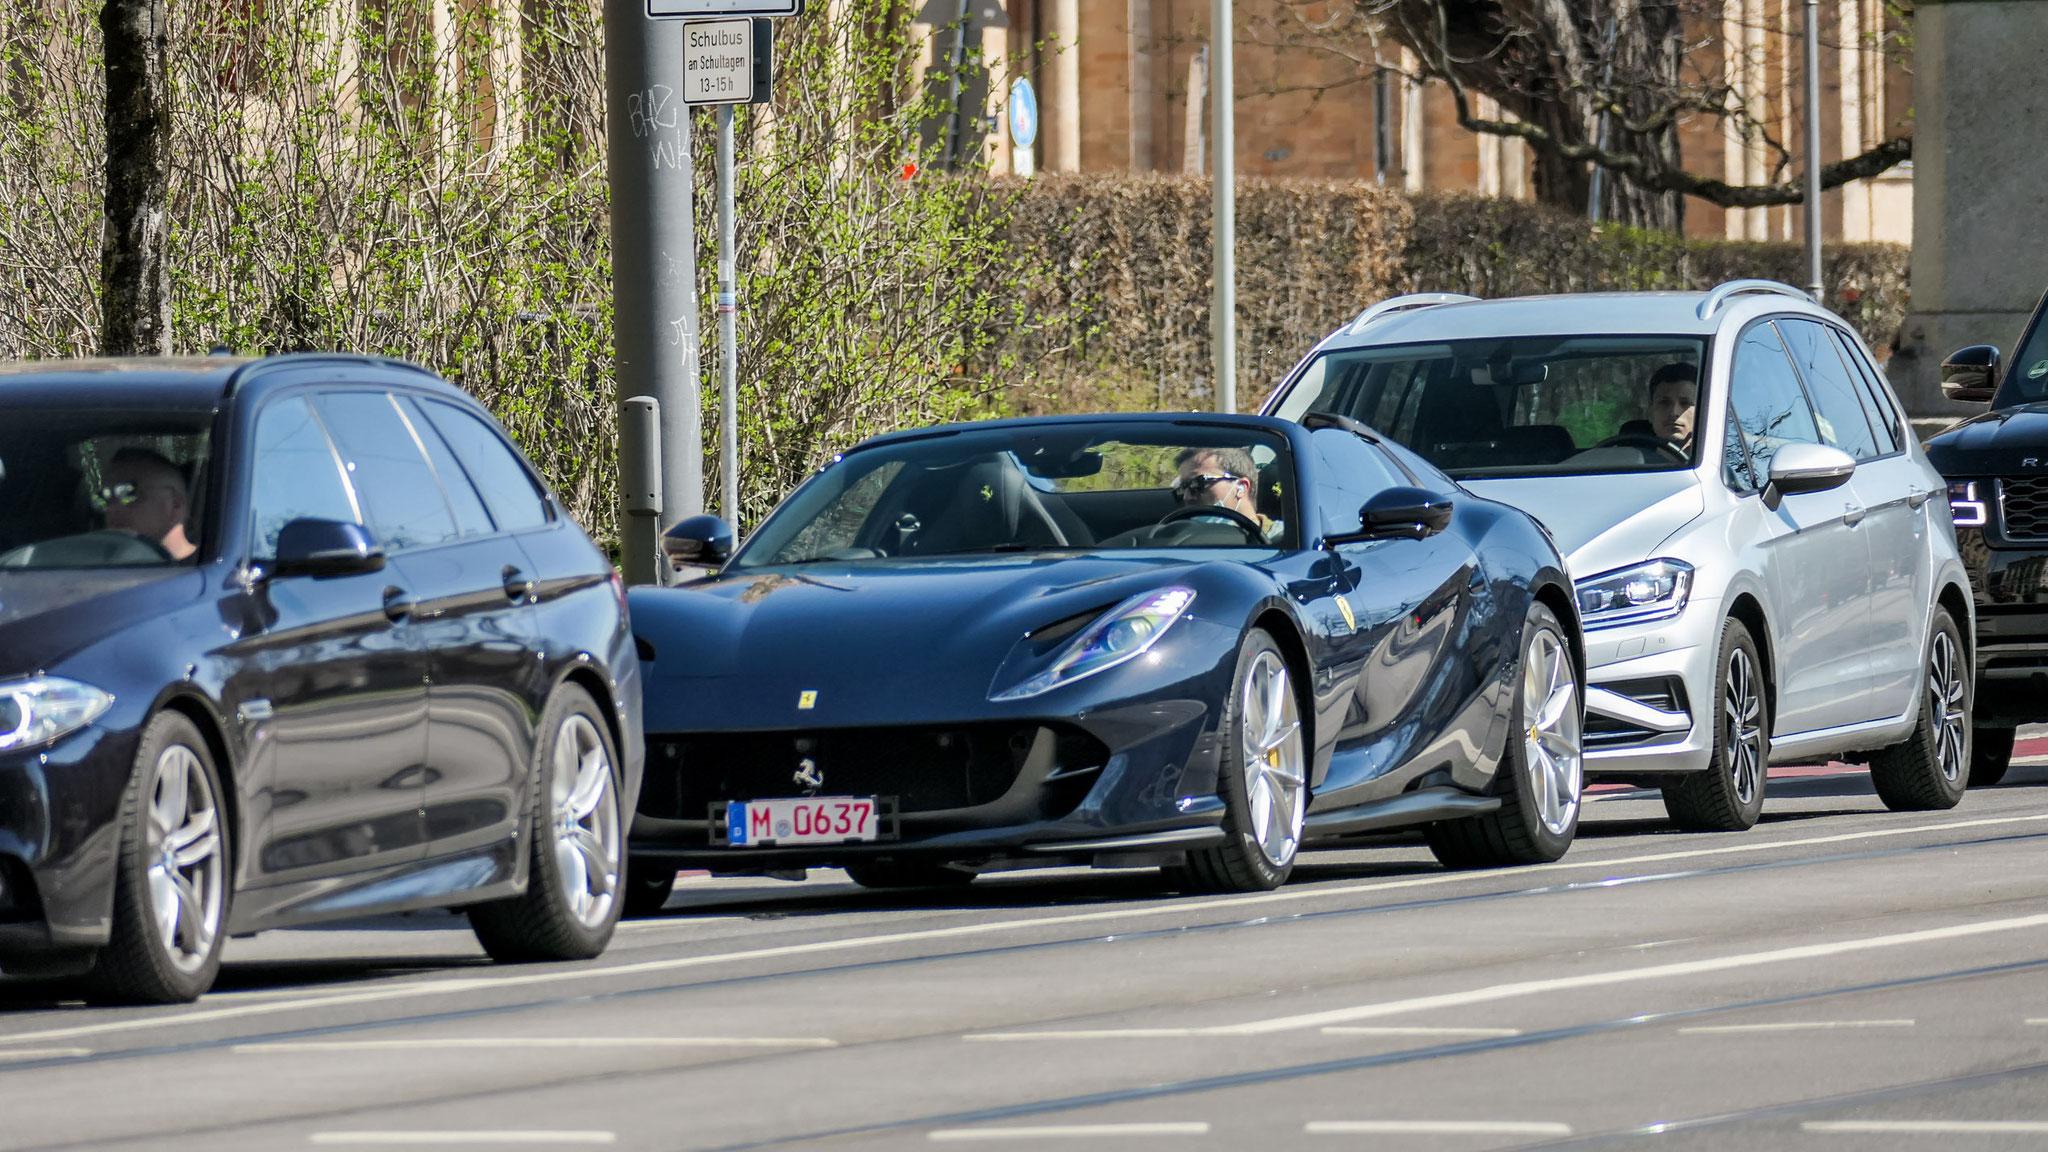 Ferrari 812 GTS - M-0637